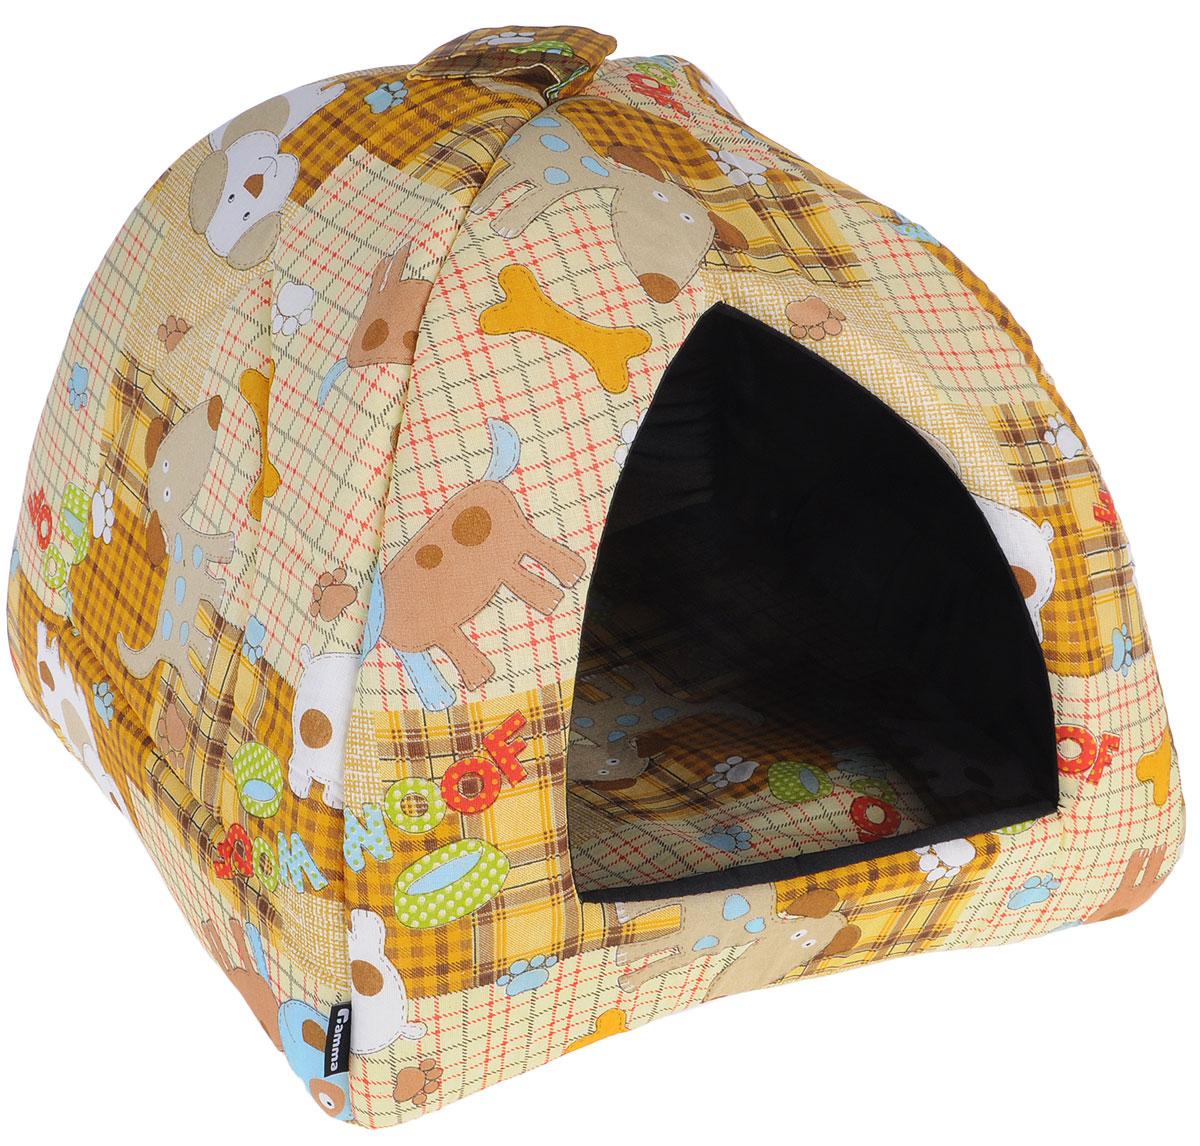 Домик для кошек и собак Гамма, цвет: бежевый, коричневый, 40 см х 40 см х 43 см гамма миска для кошек и собак n1